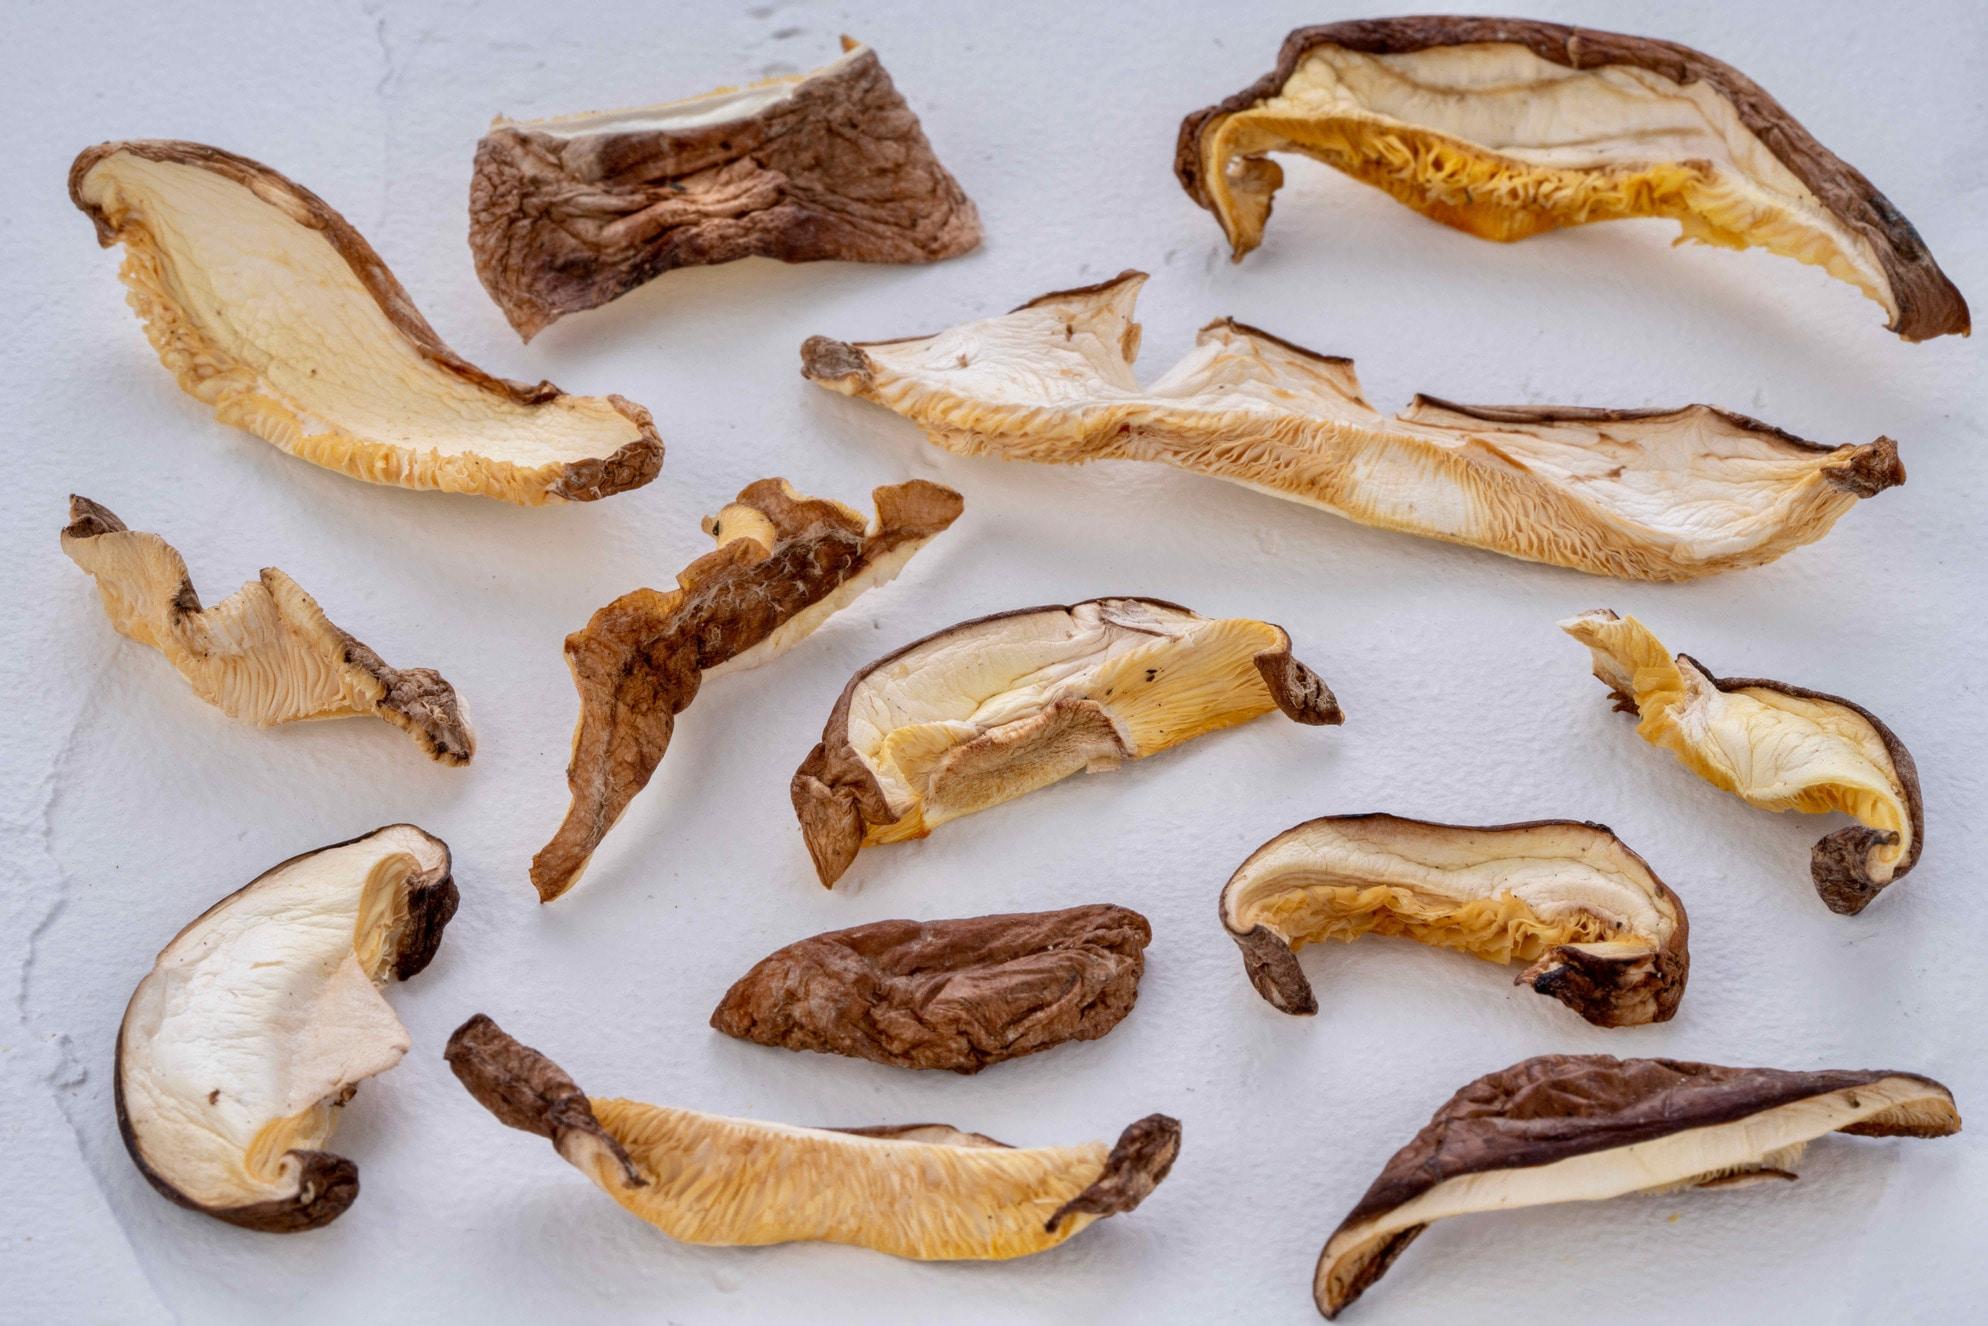 様々なサイズに乾燥原木椎茸,北上しいたけ園の乾燥椎茸スライス